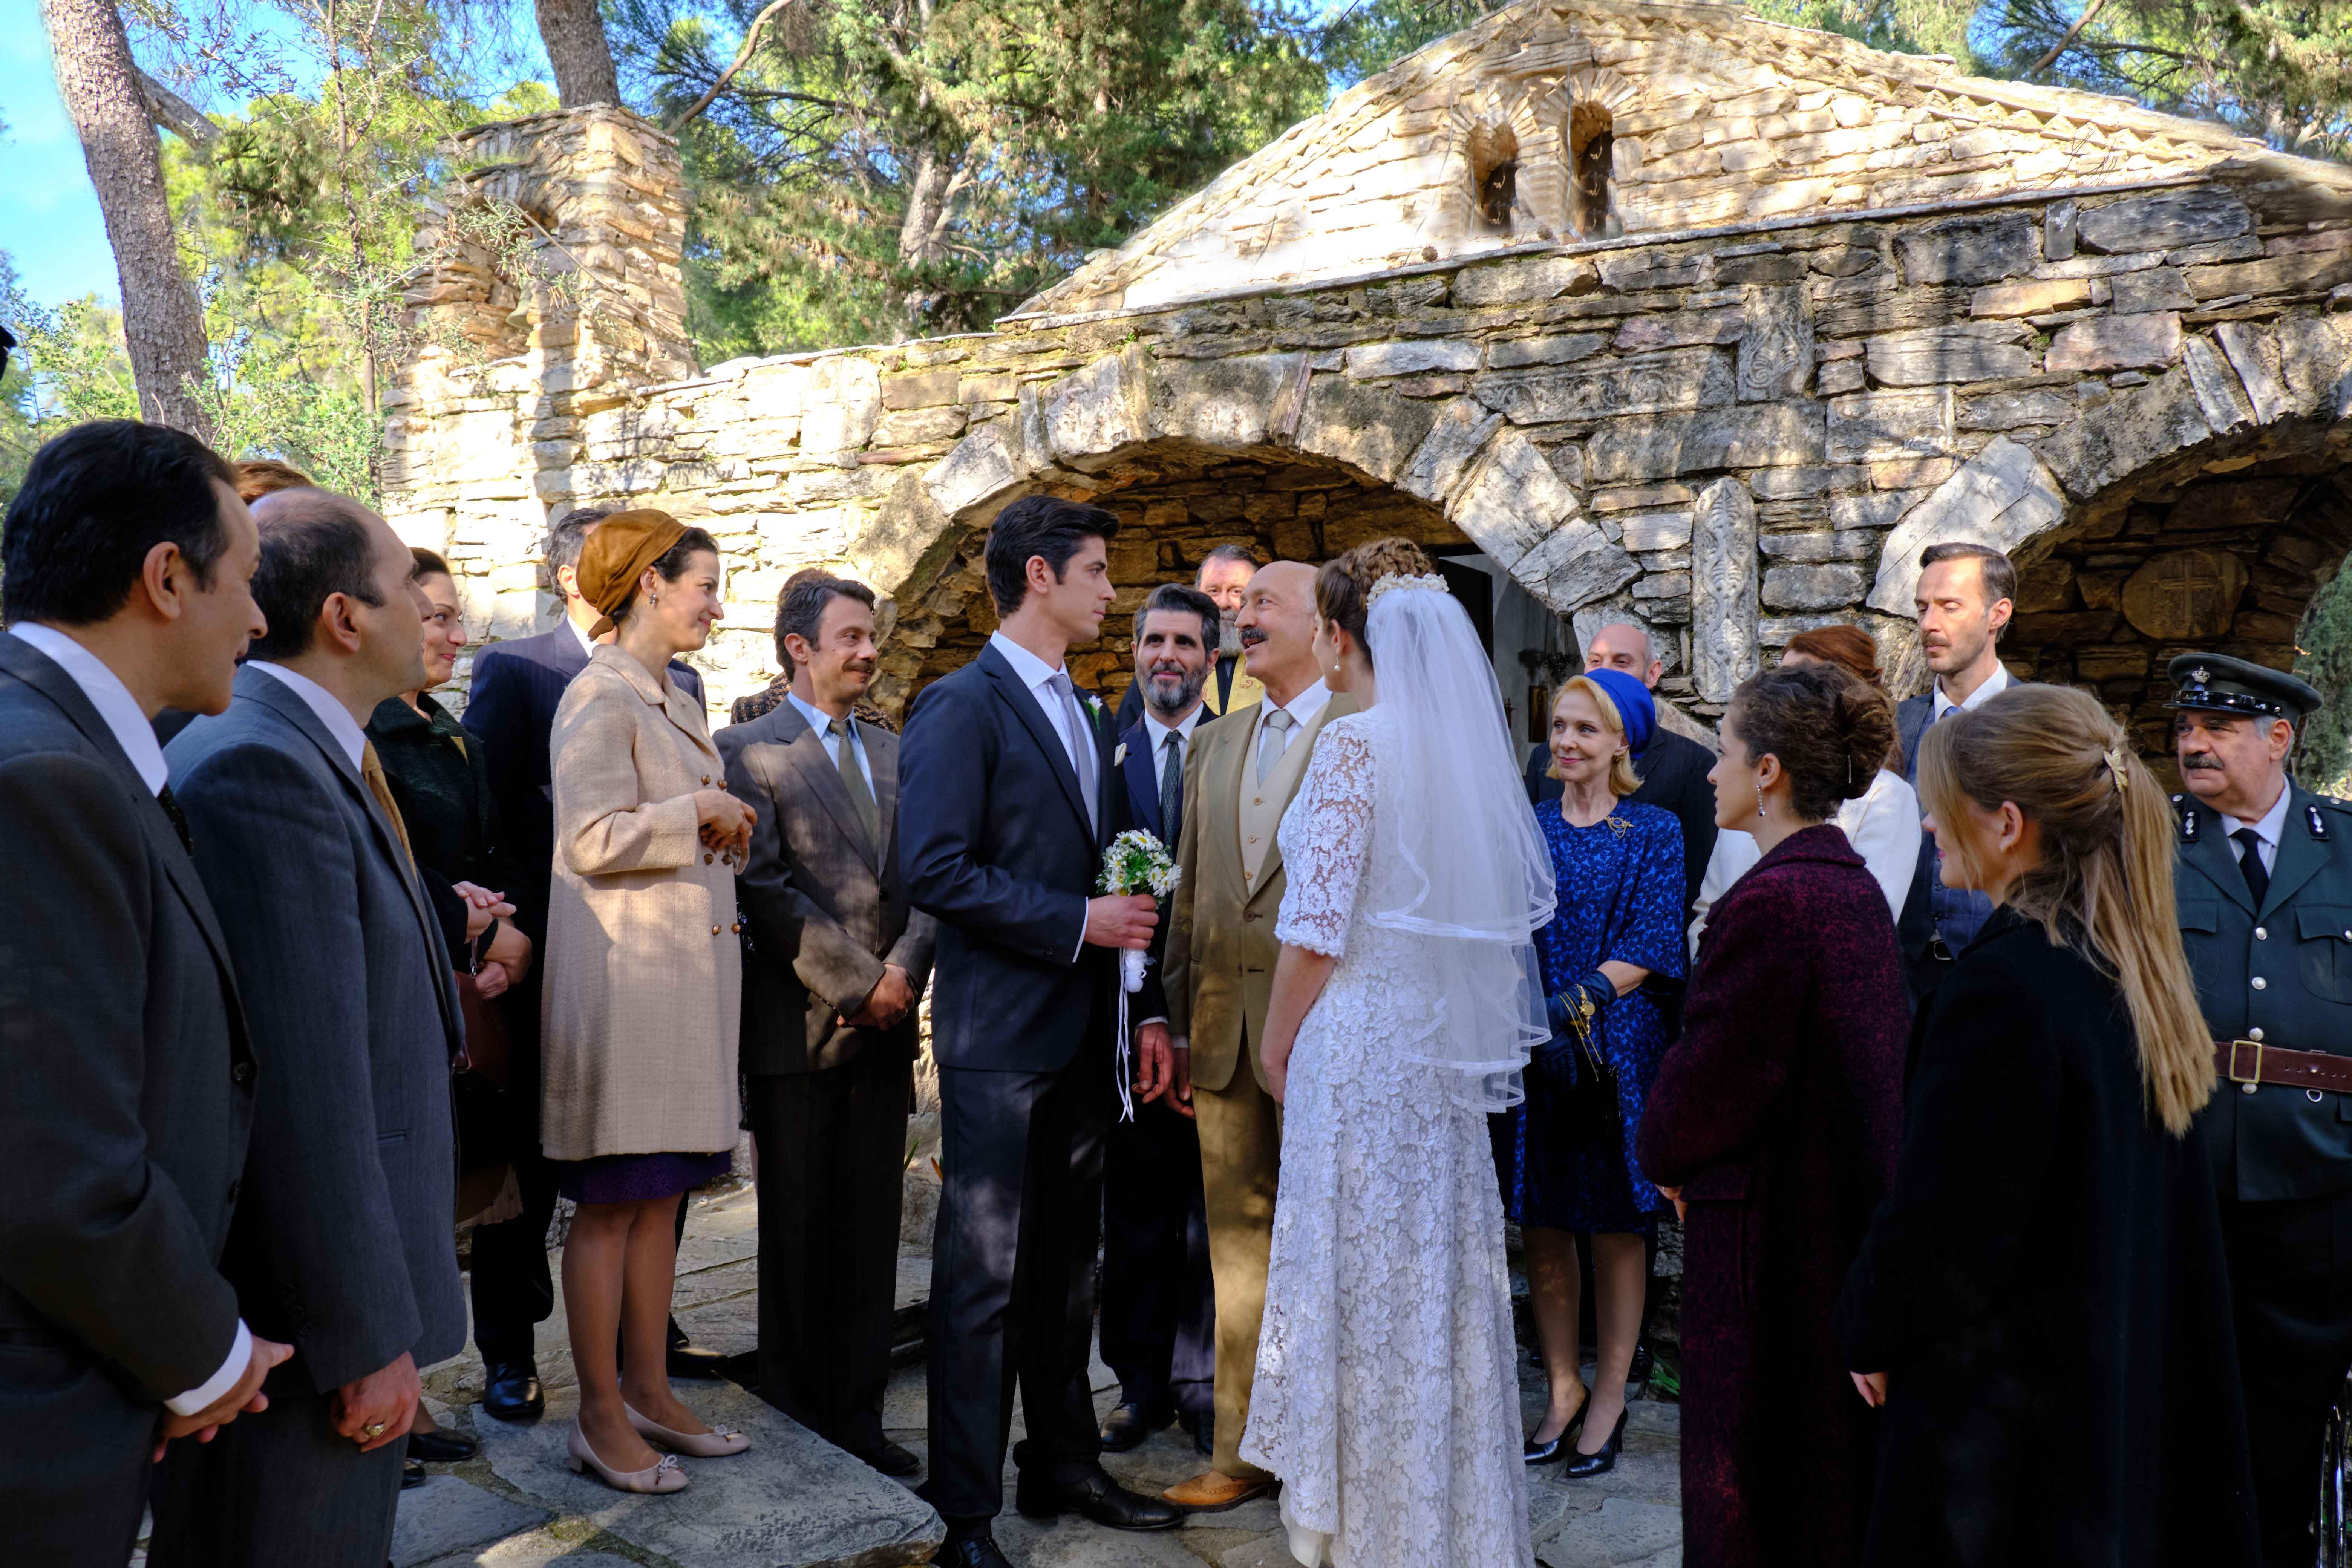 Άγριες Μέλισσες Spoiler: Ο γάμος Ελένης και Λάμπρου δεν είναι αυτό που νομίζεις